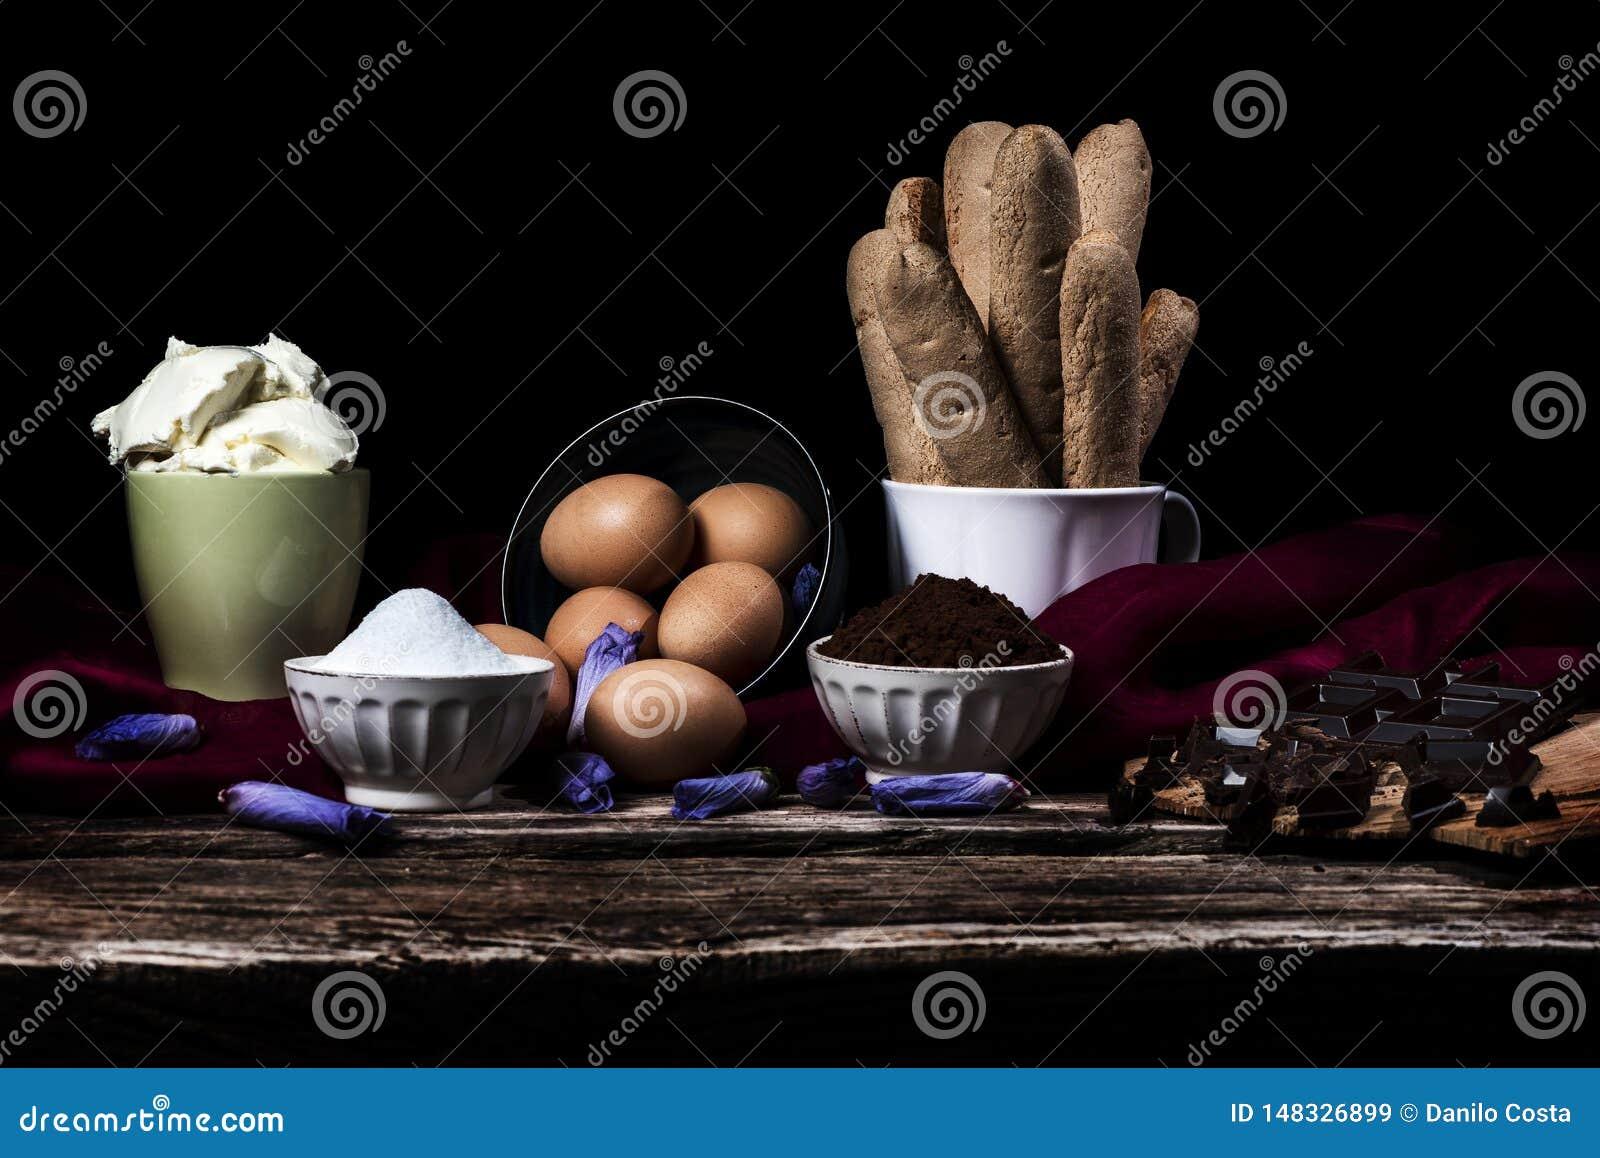 意大利提拉米苏、巧克力、咖啡和mascarpone的成份在黑背景